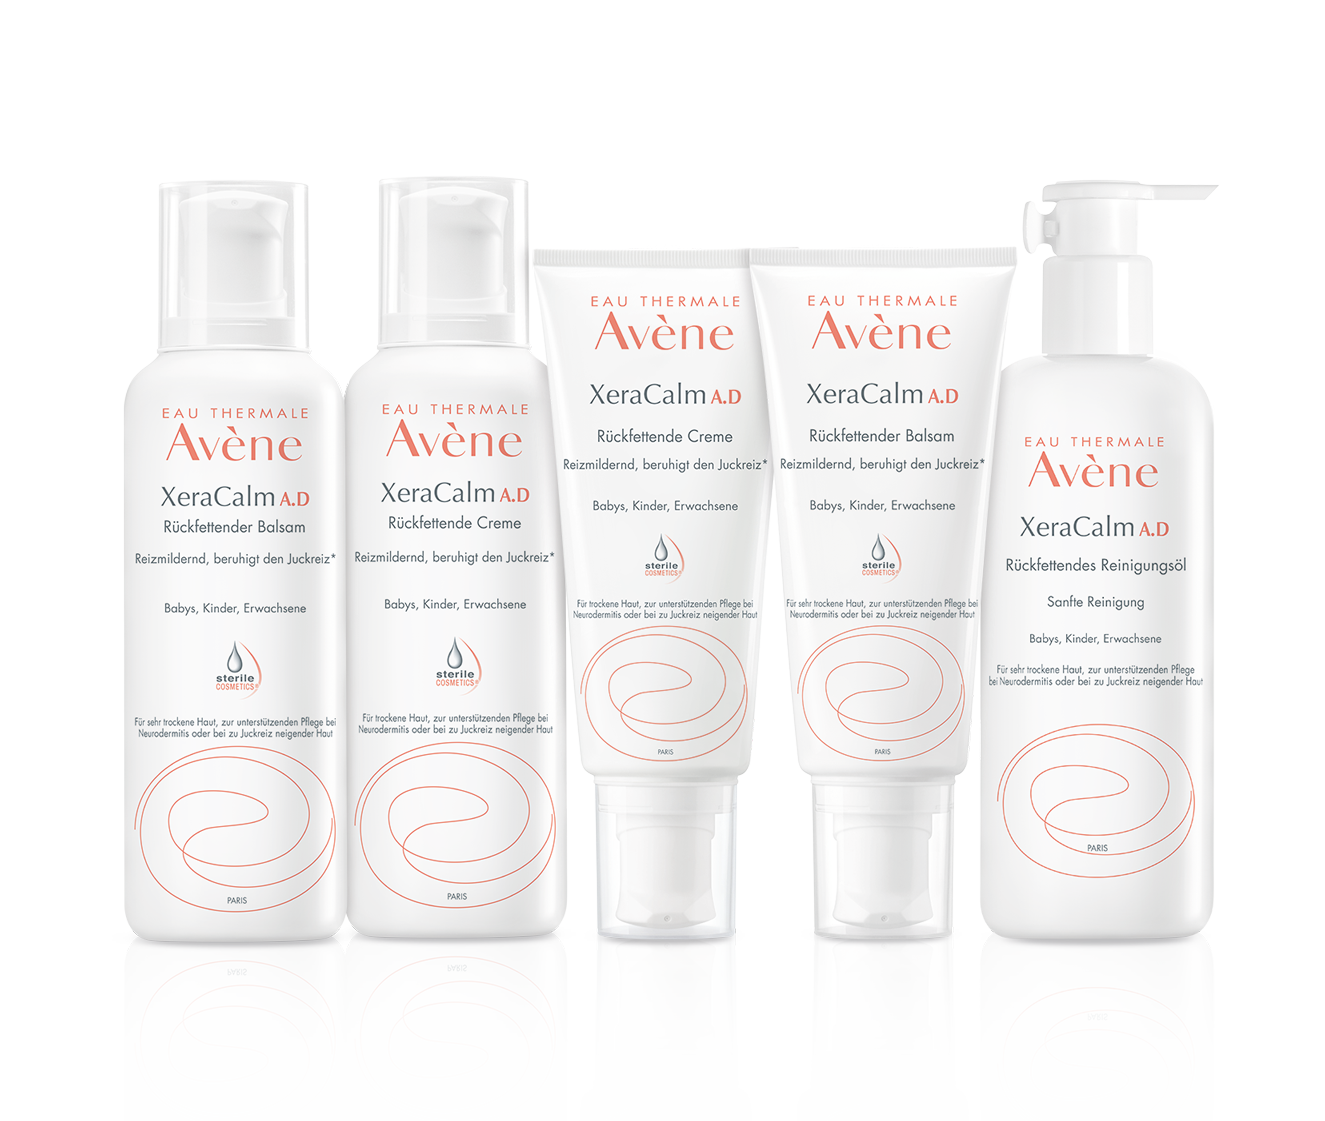 XeraCalm - Pflege bei Neurodermitis und zu Juckreiz neigender Haut   Eau Thermale Avène